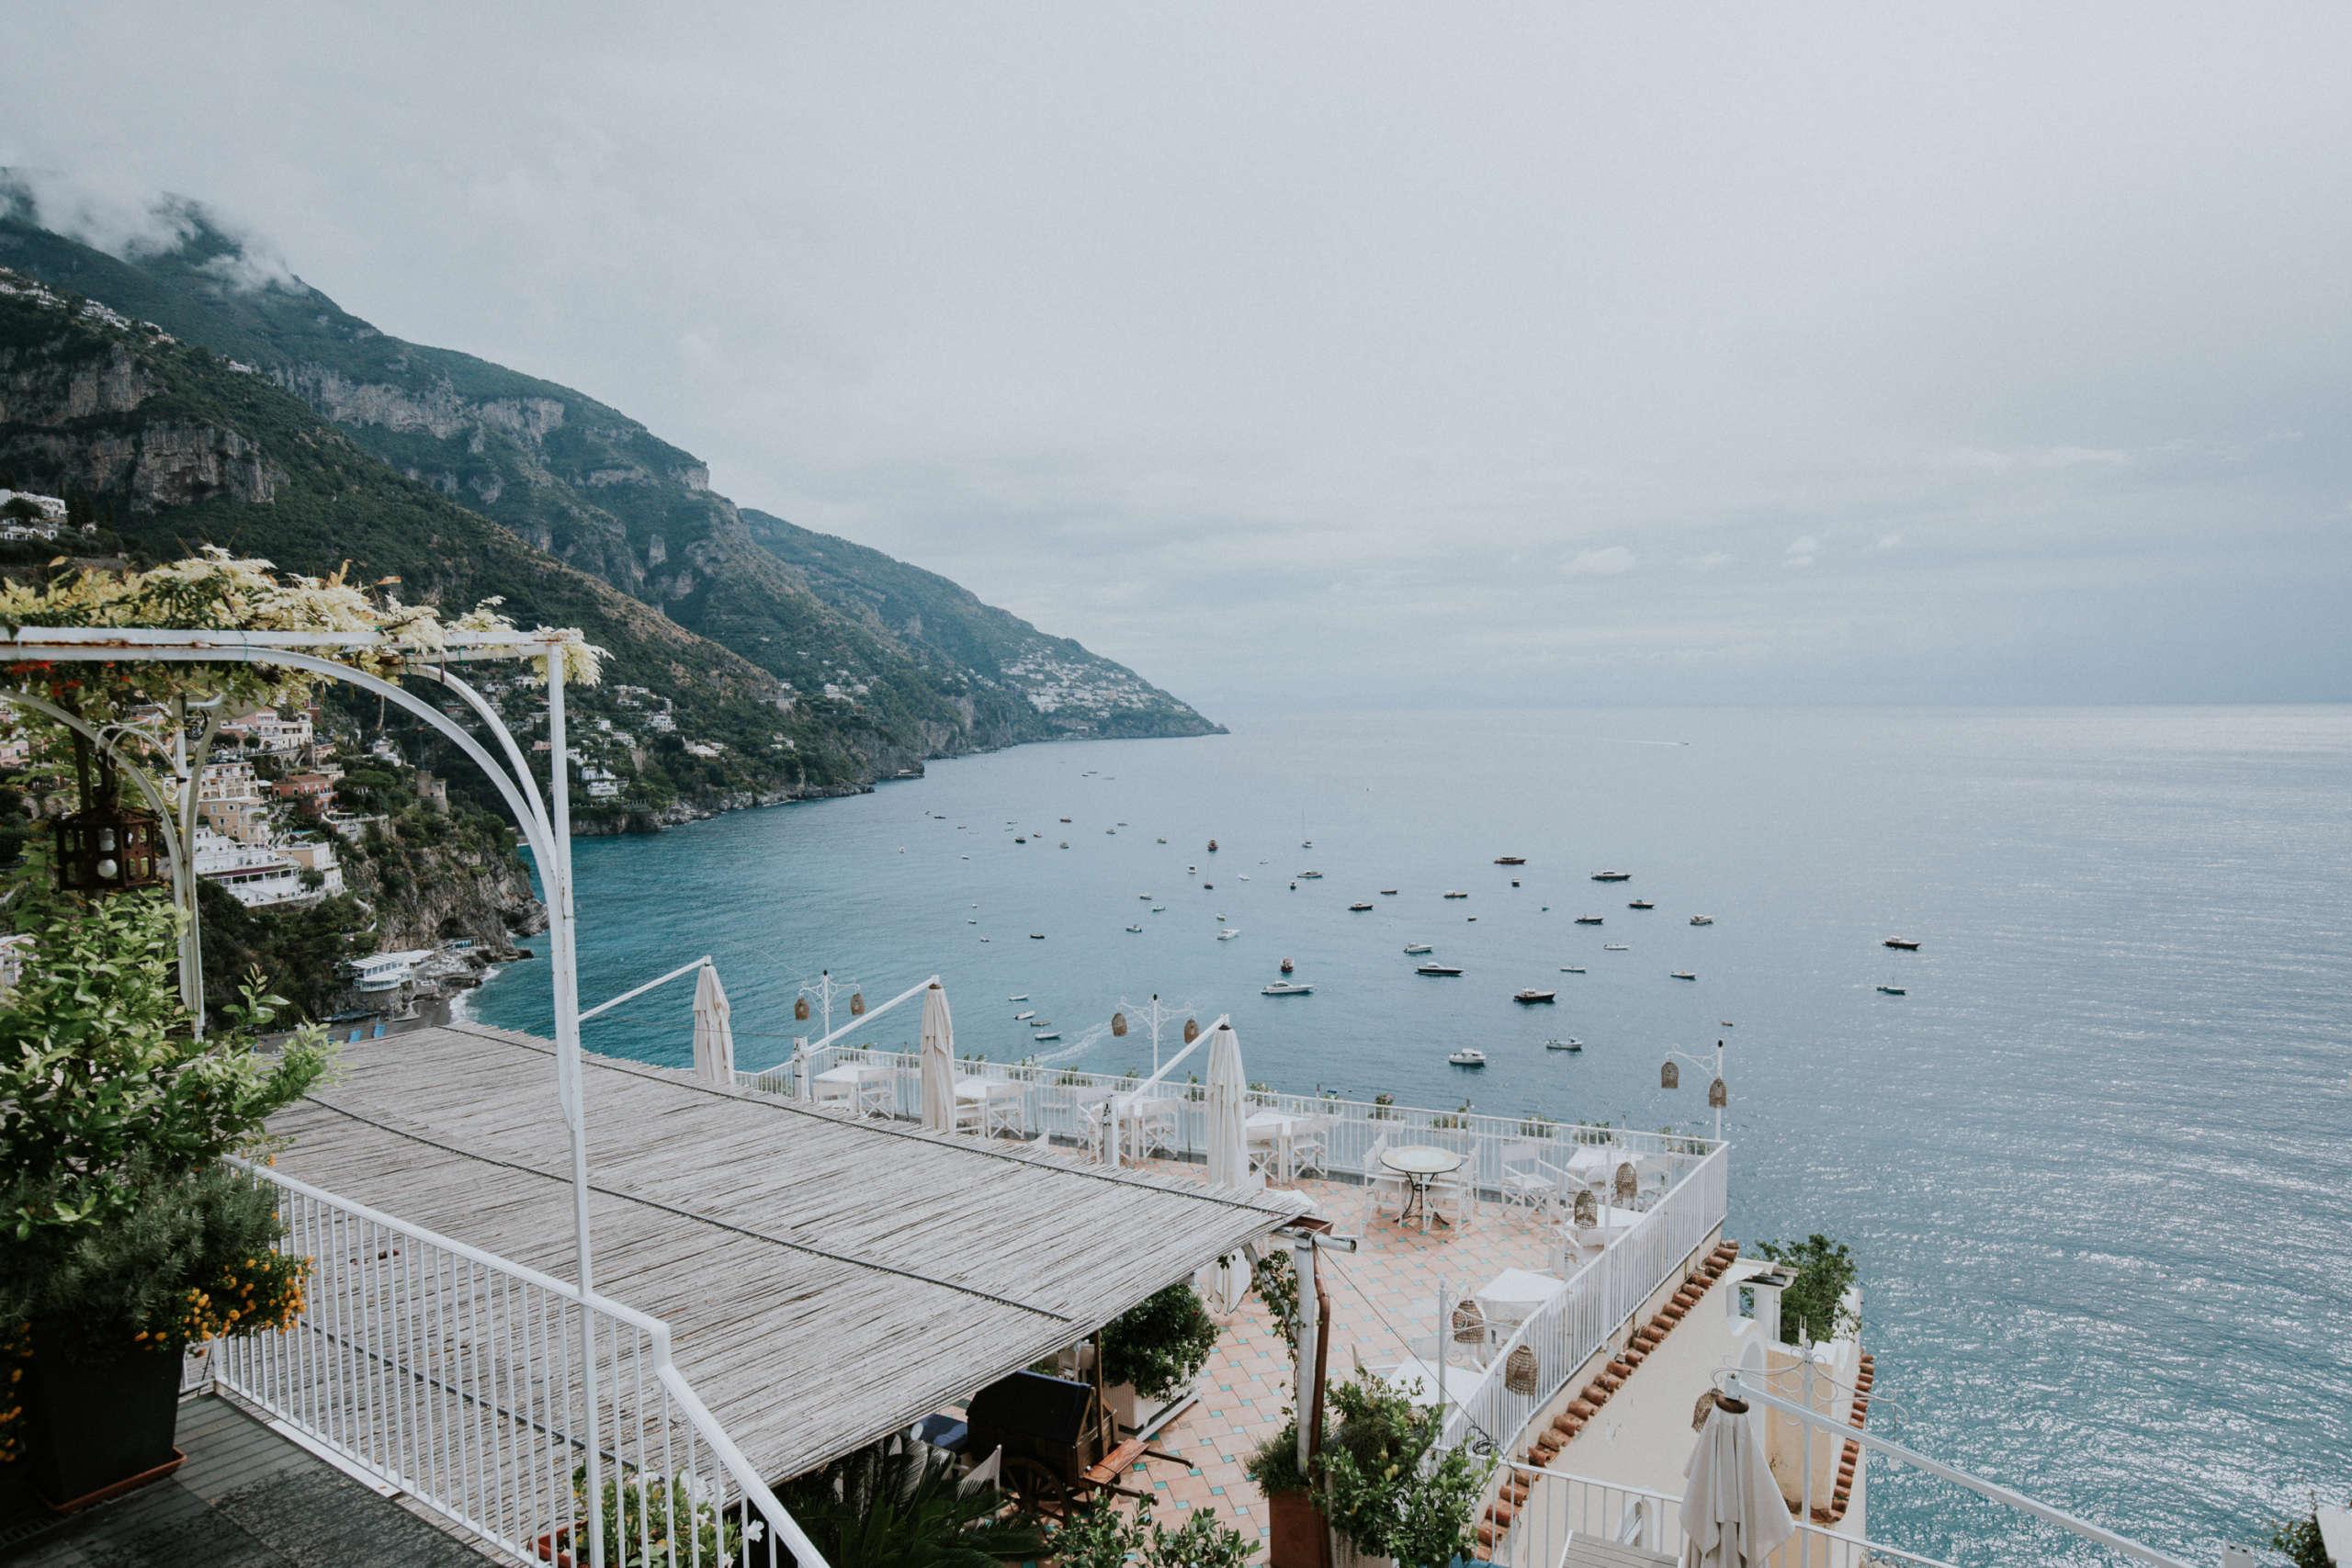 Von einem Balkon aus sieht man auf das Meer in dem viele Boote schwimmen..